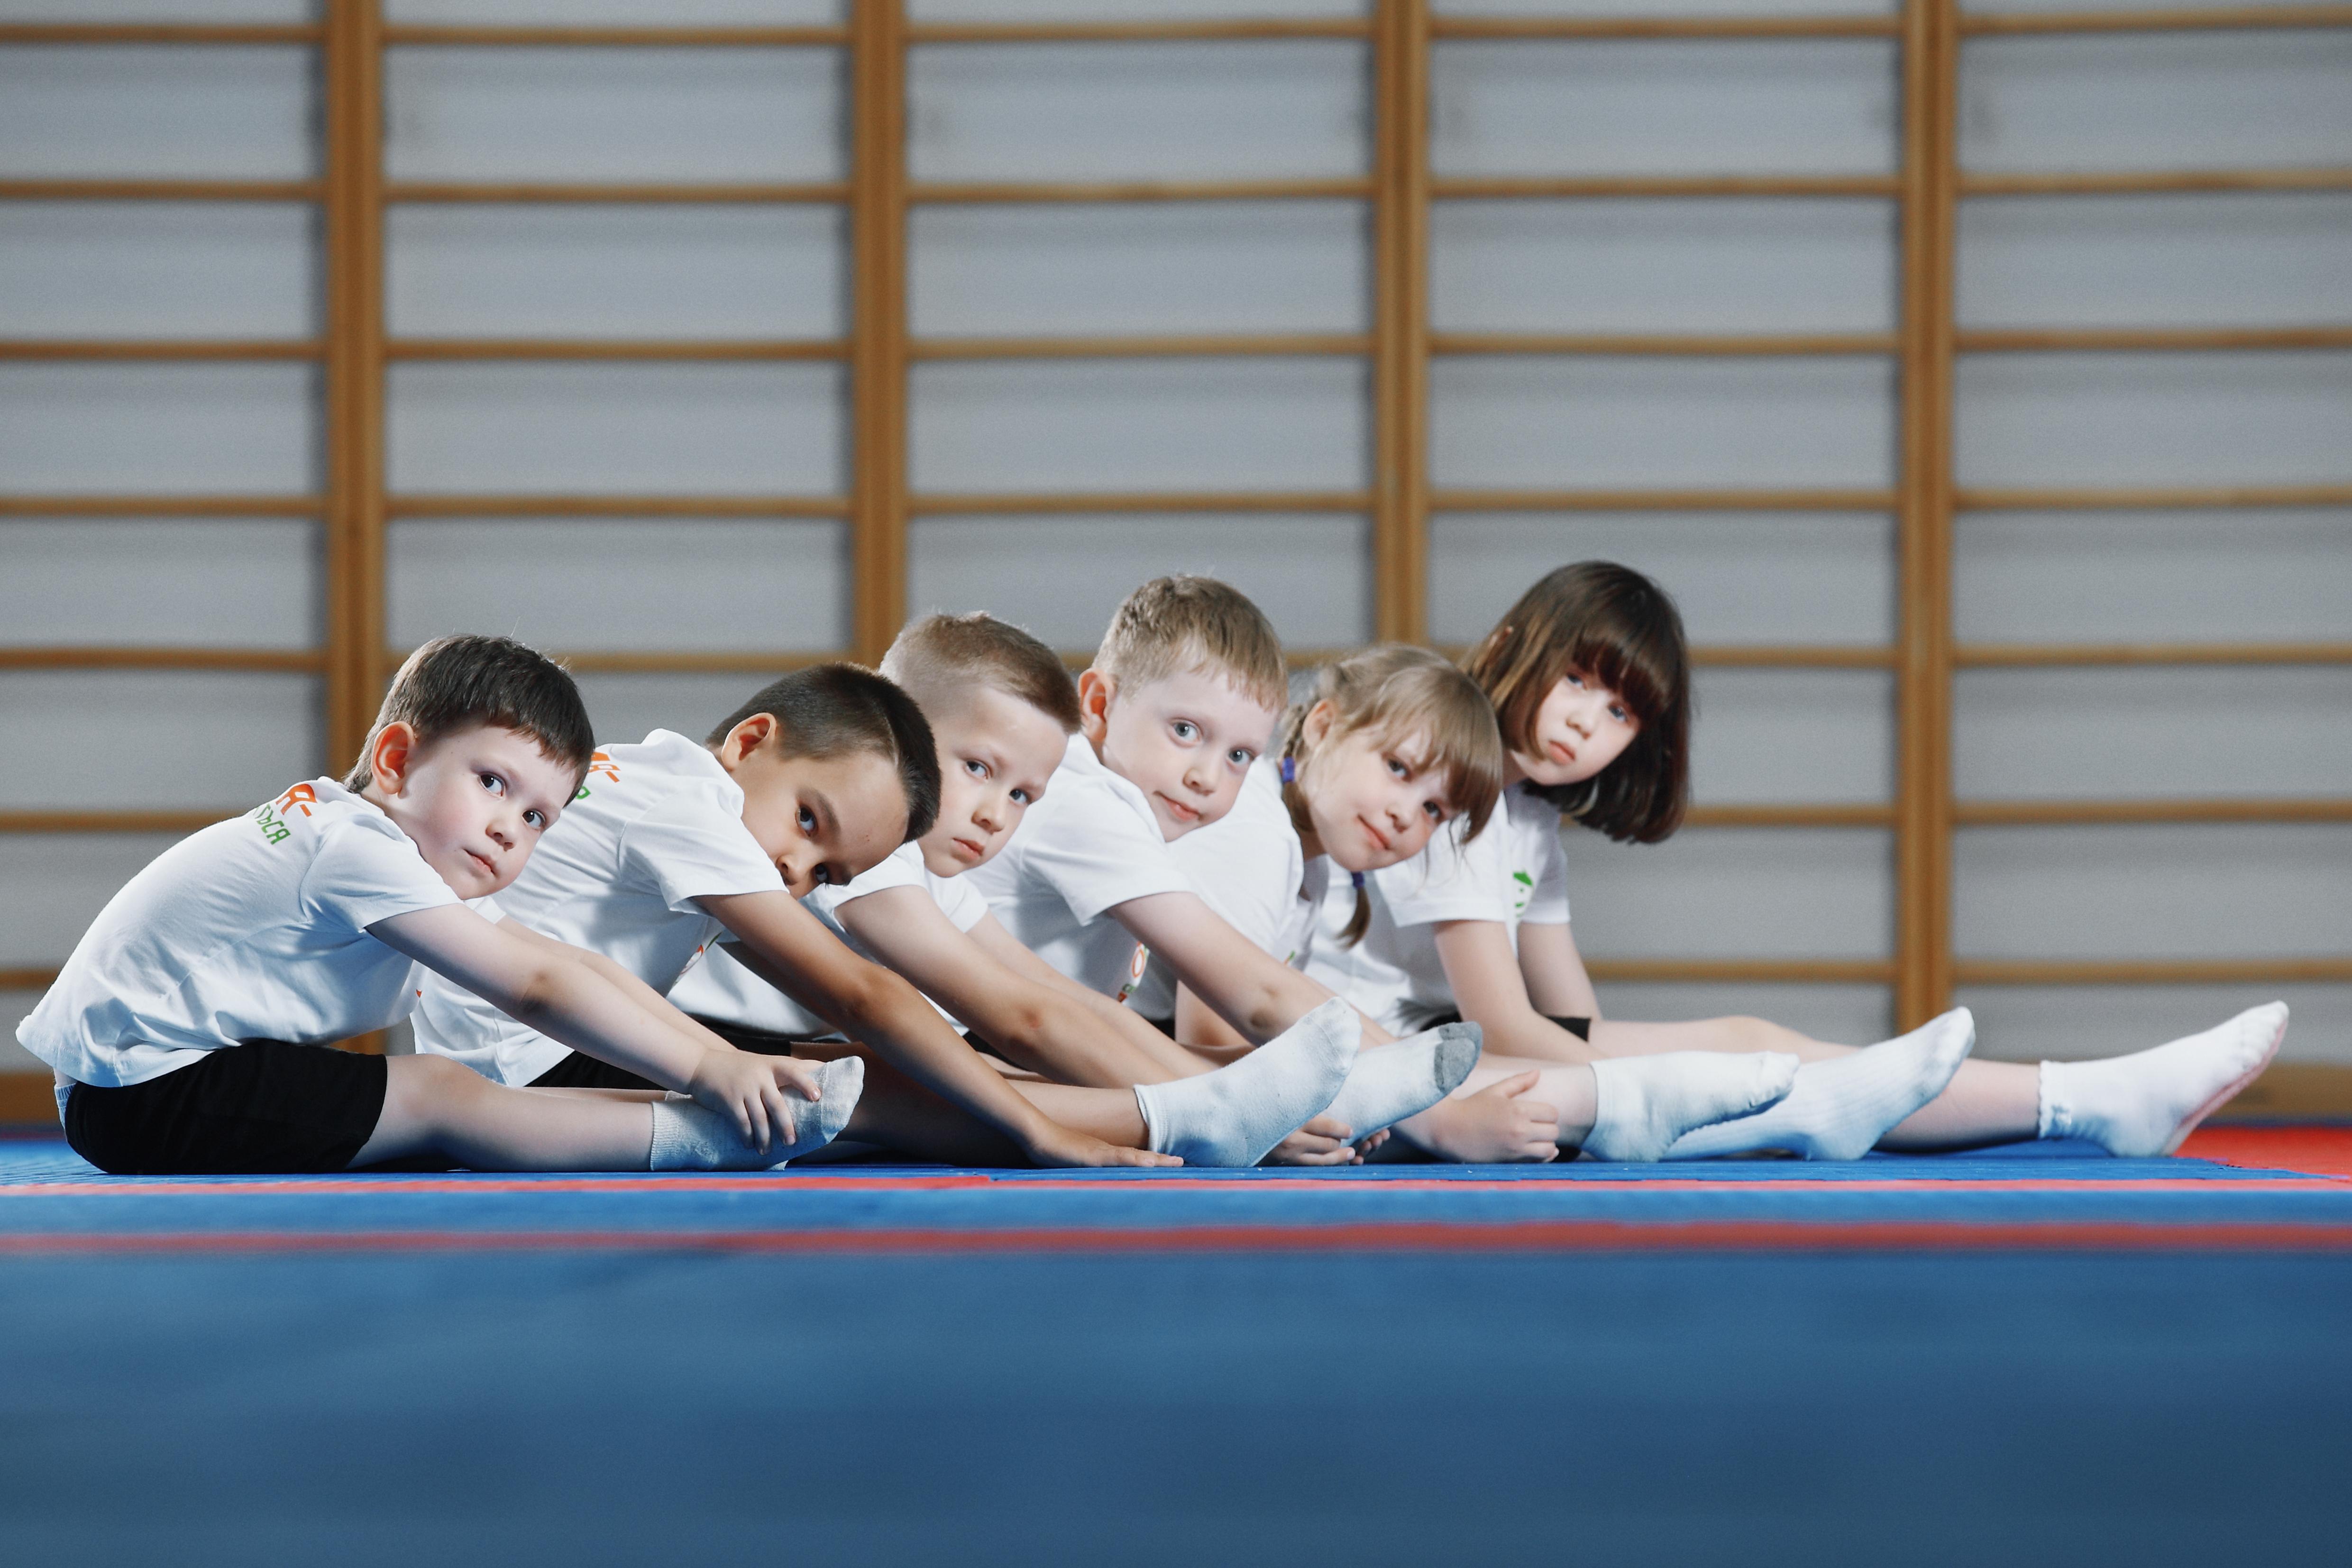 5 спортивных секций, которые научат ребенка самообороне и укрепят здоровье